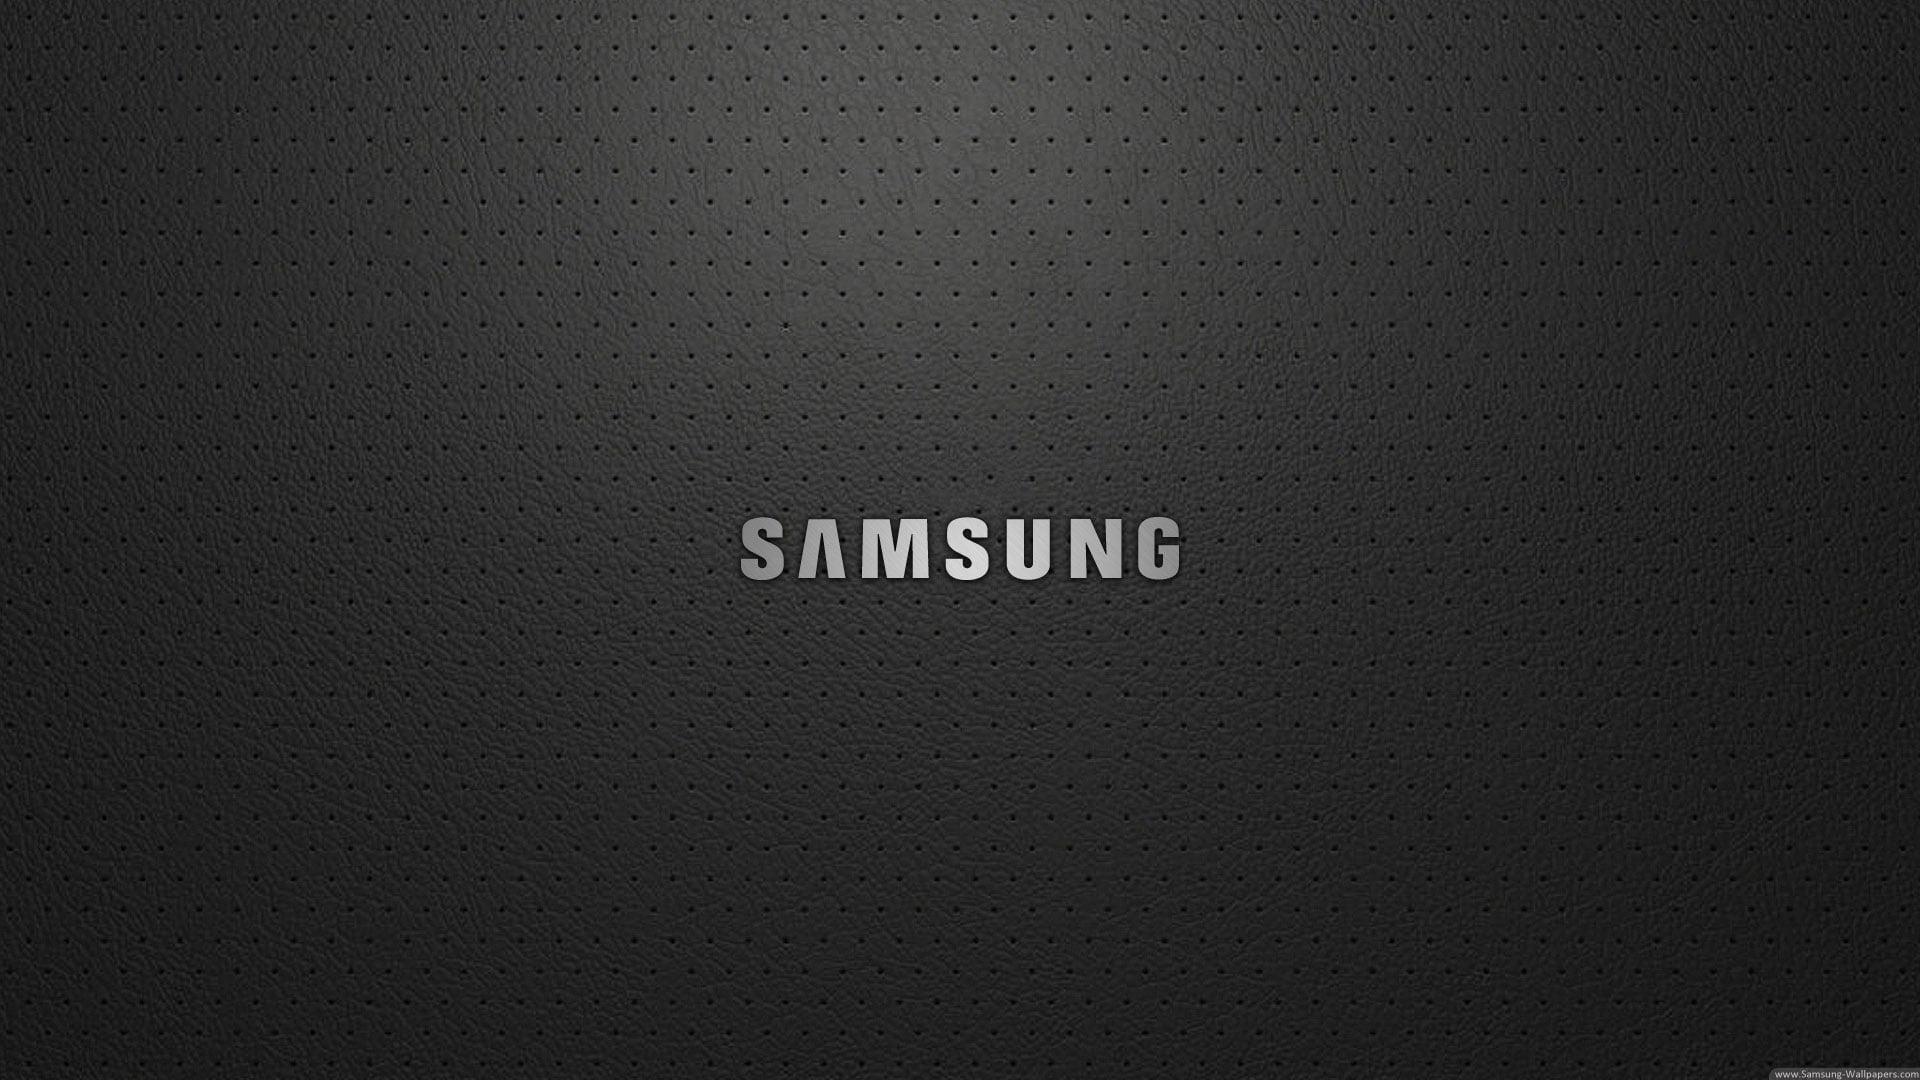 Android L dla Galaxy Note'a 4 i S5 jeszcze w tym roku? 23